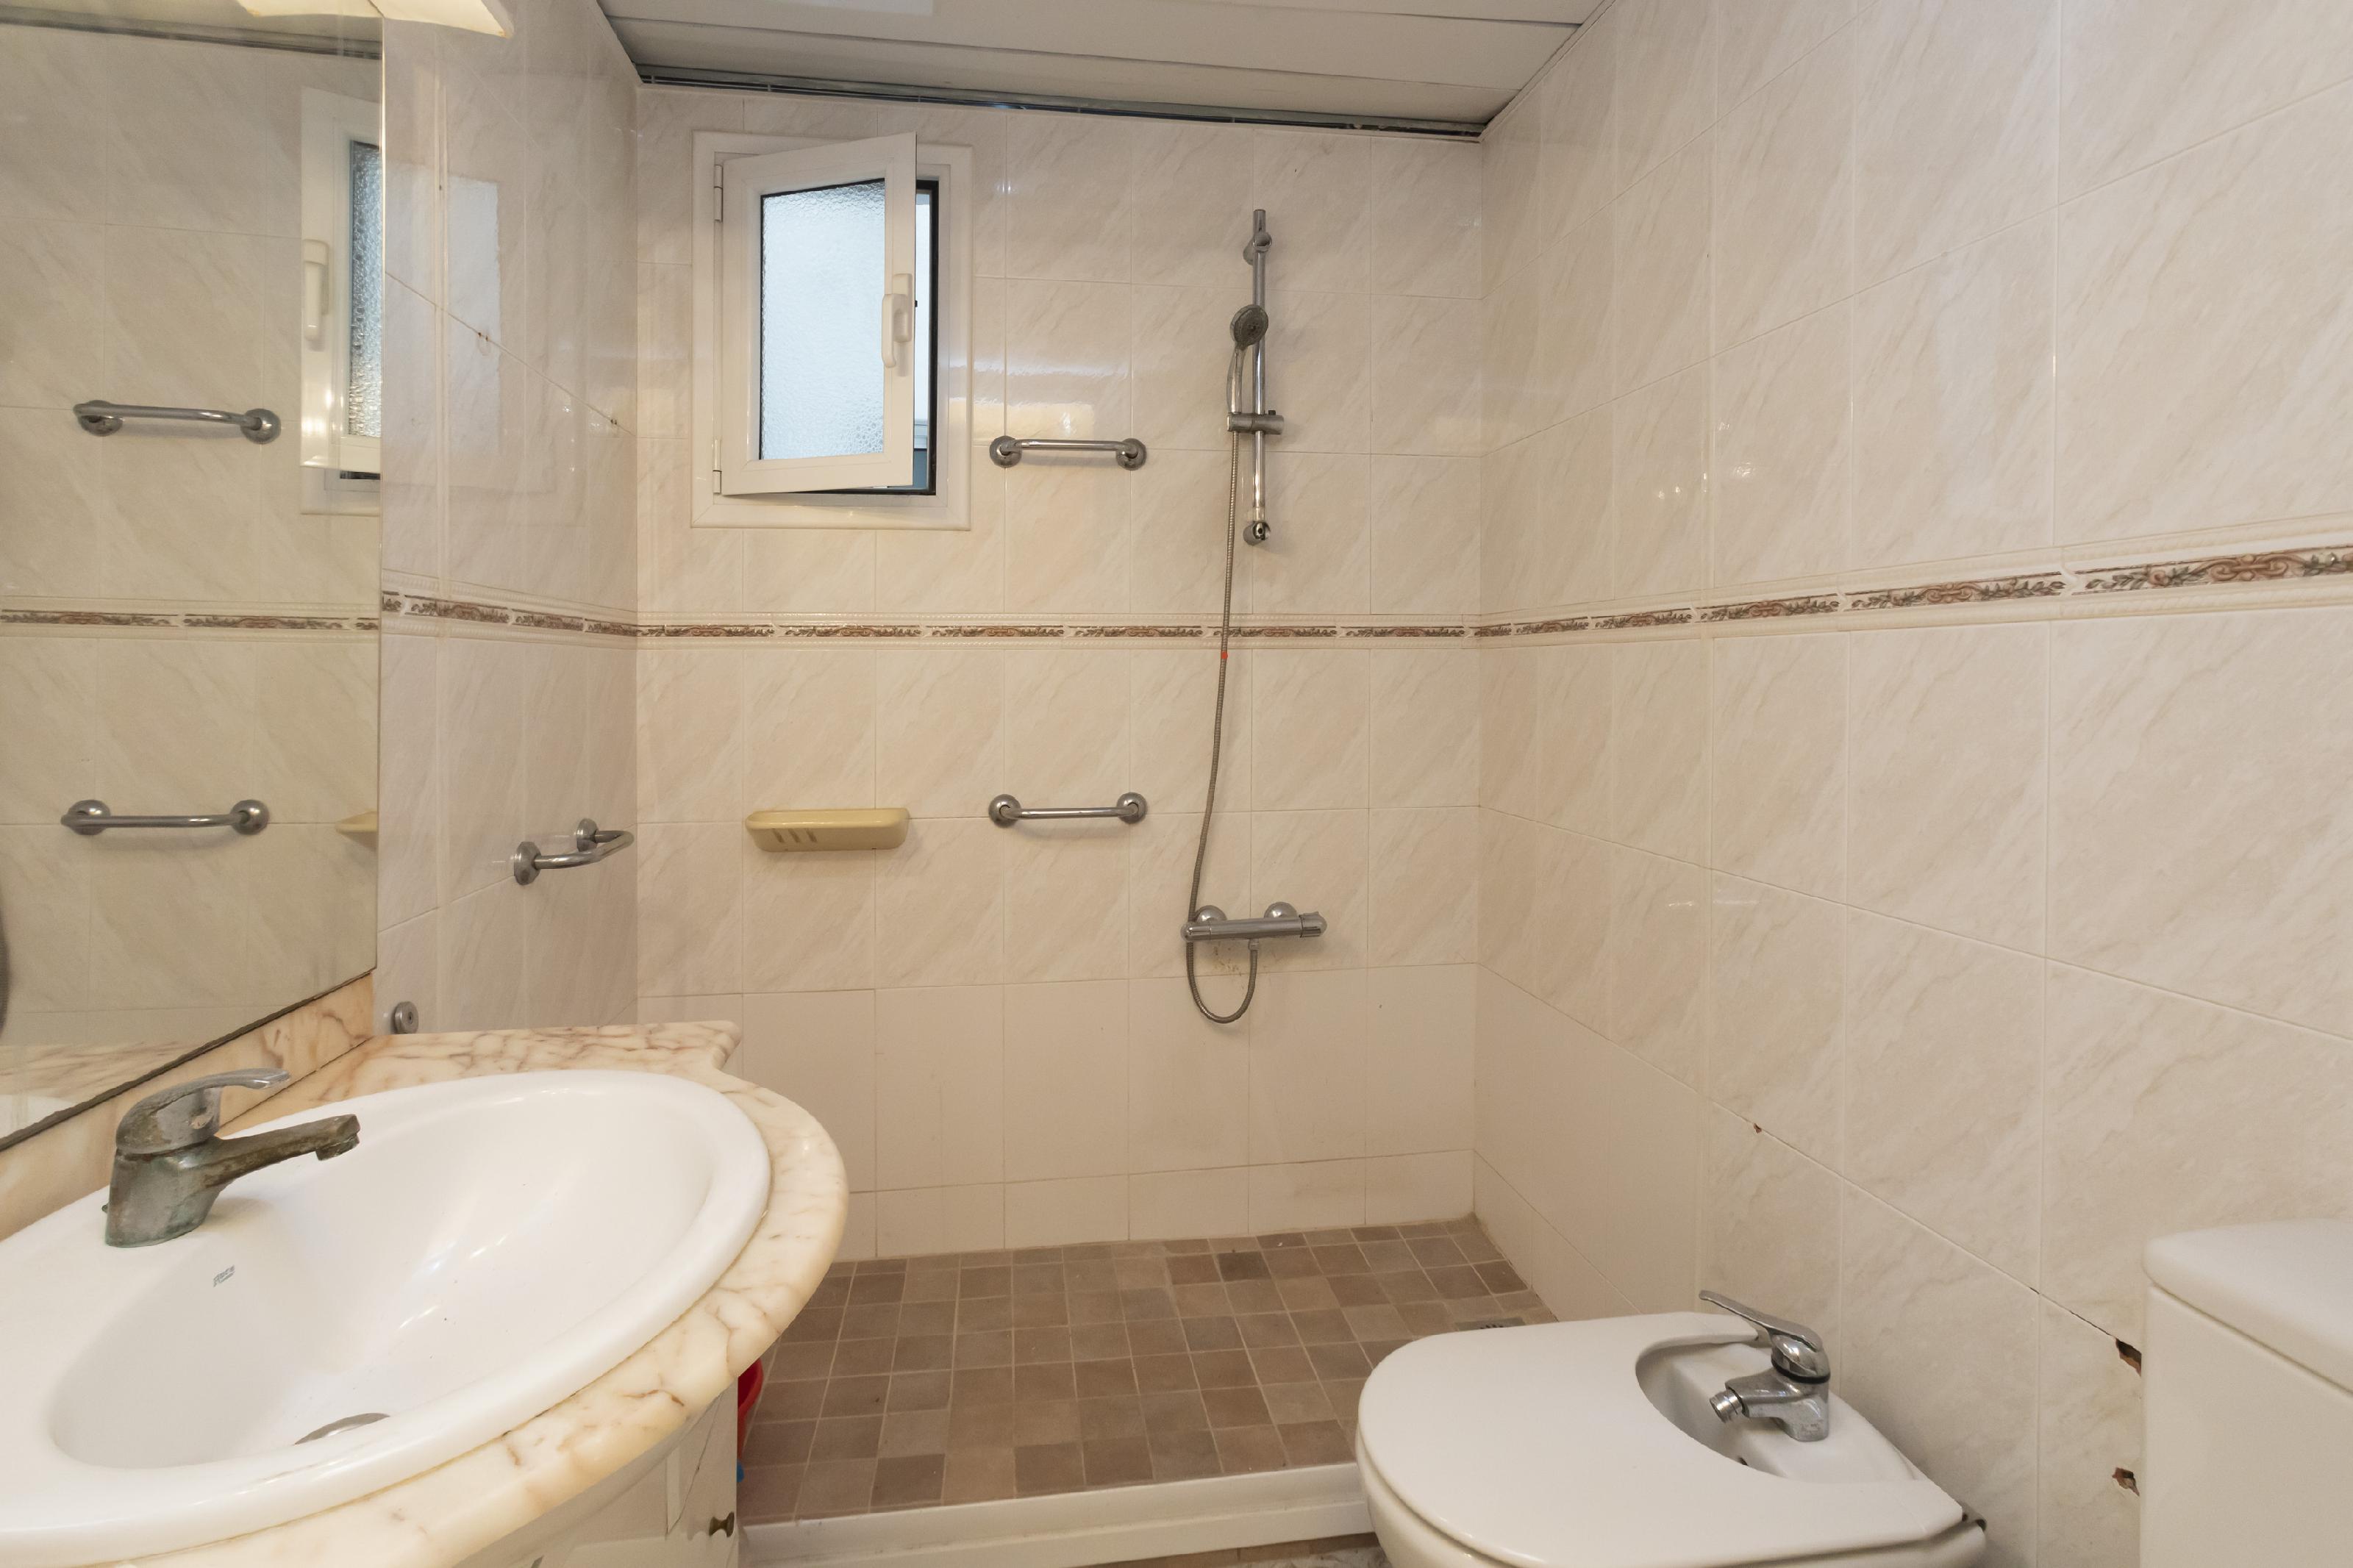 249361 Flat for sale in Eixample, Antiga Esquerre Eixample 24